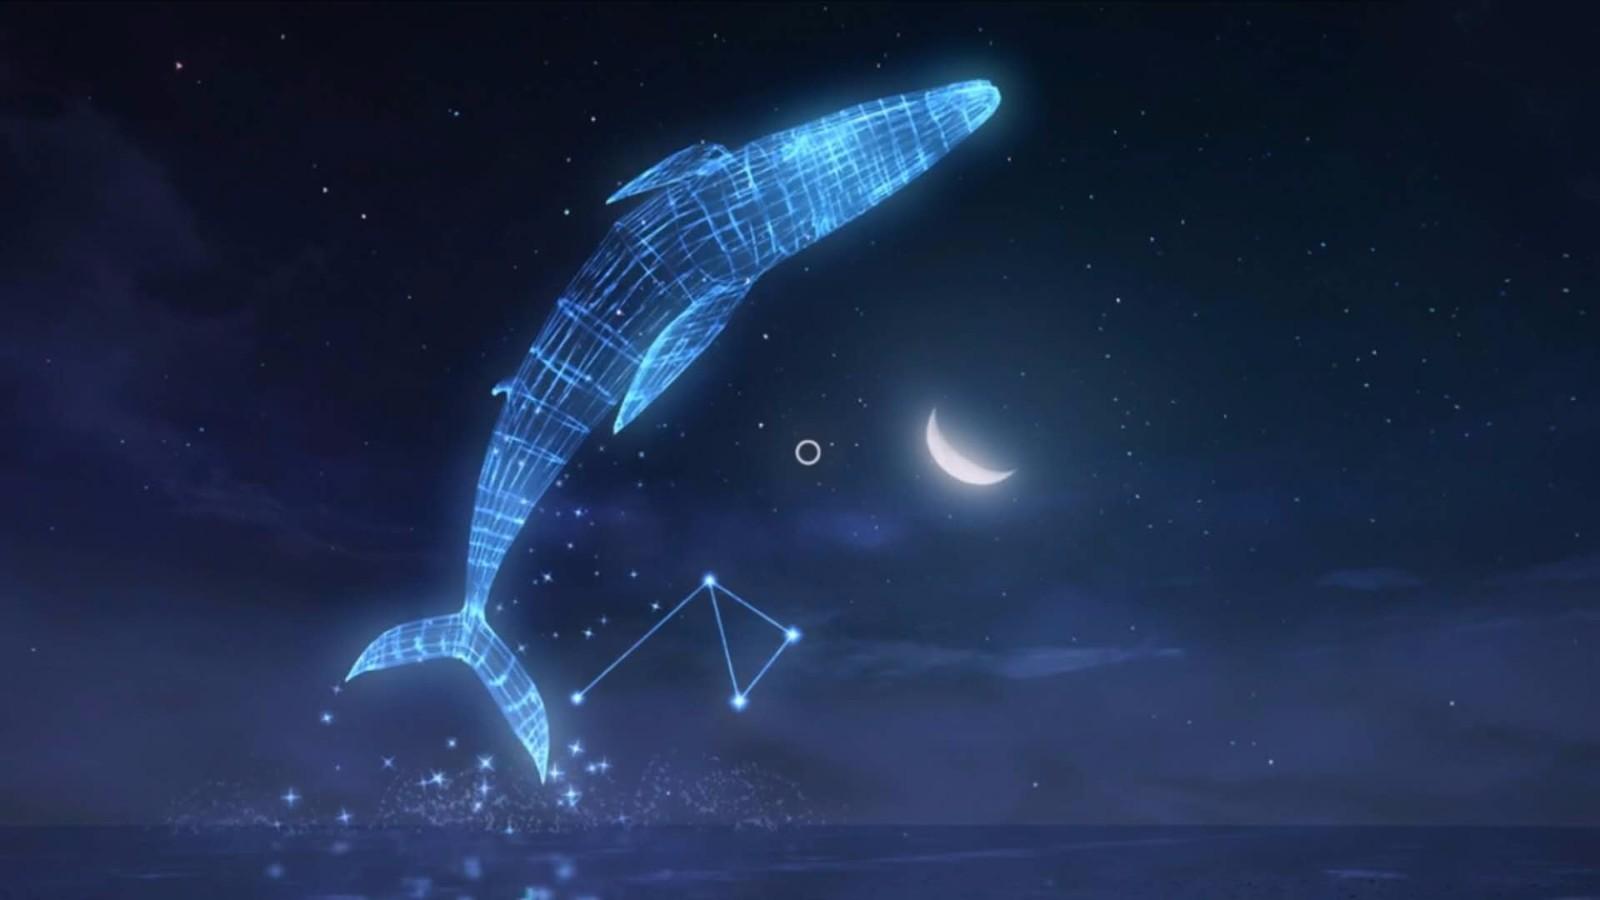 像大海星辰一样唯美的游戏,献给追求星辰大海